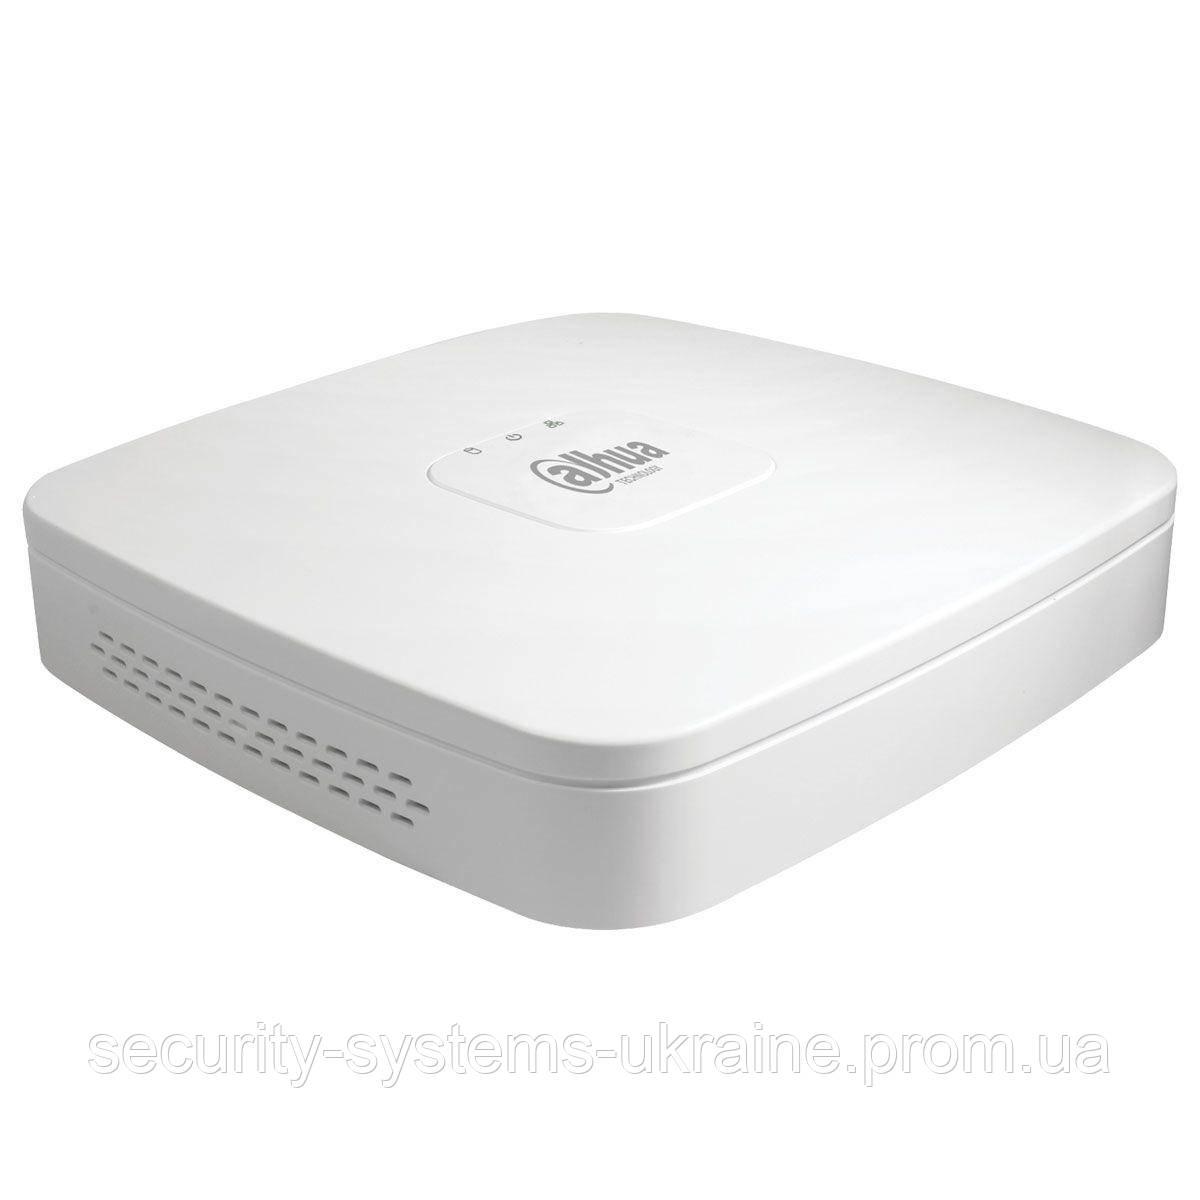 DH-XVR5104C-4KL-X видеорегистратор Dahua HDCVI 4-х канальный